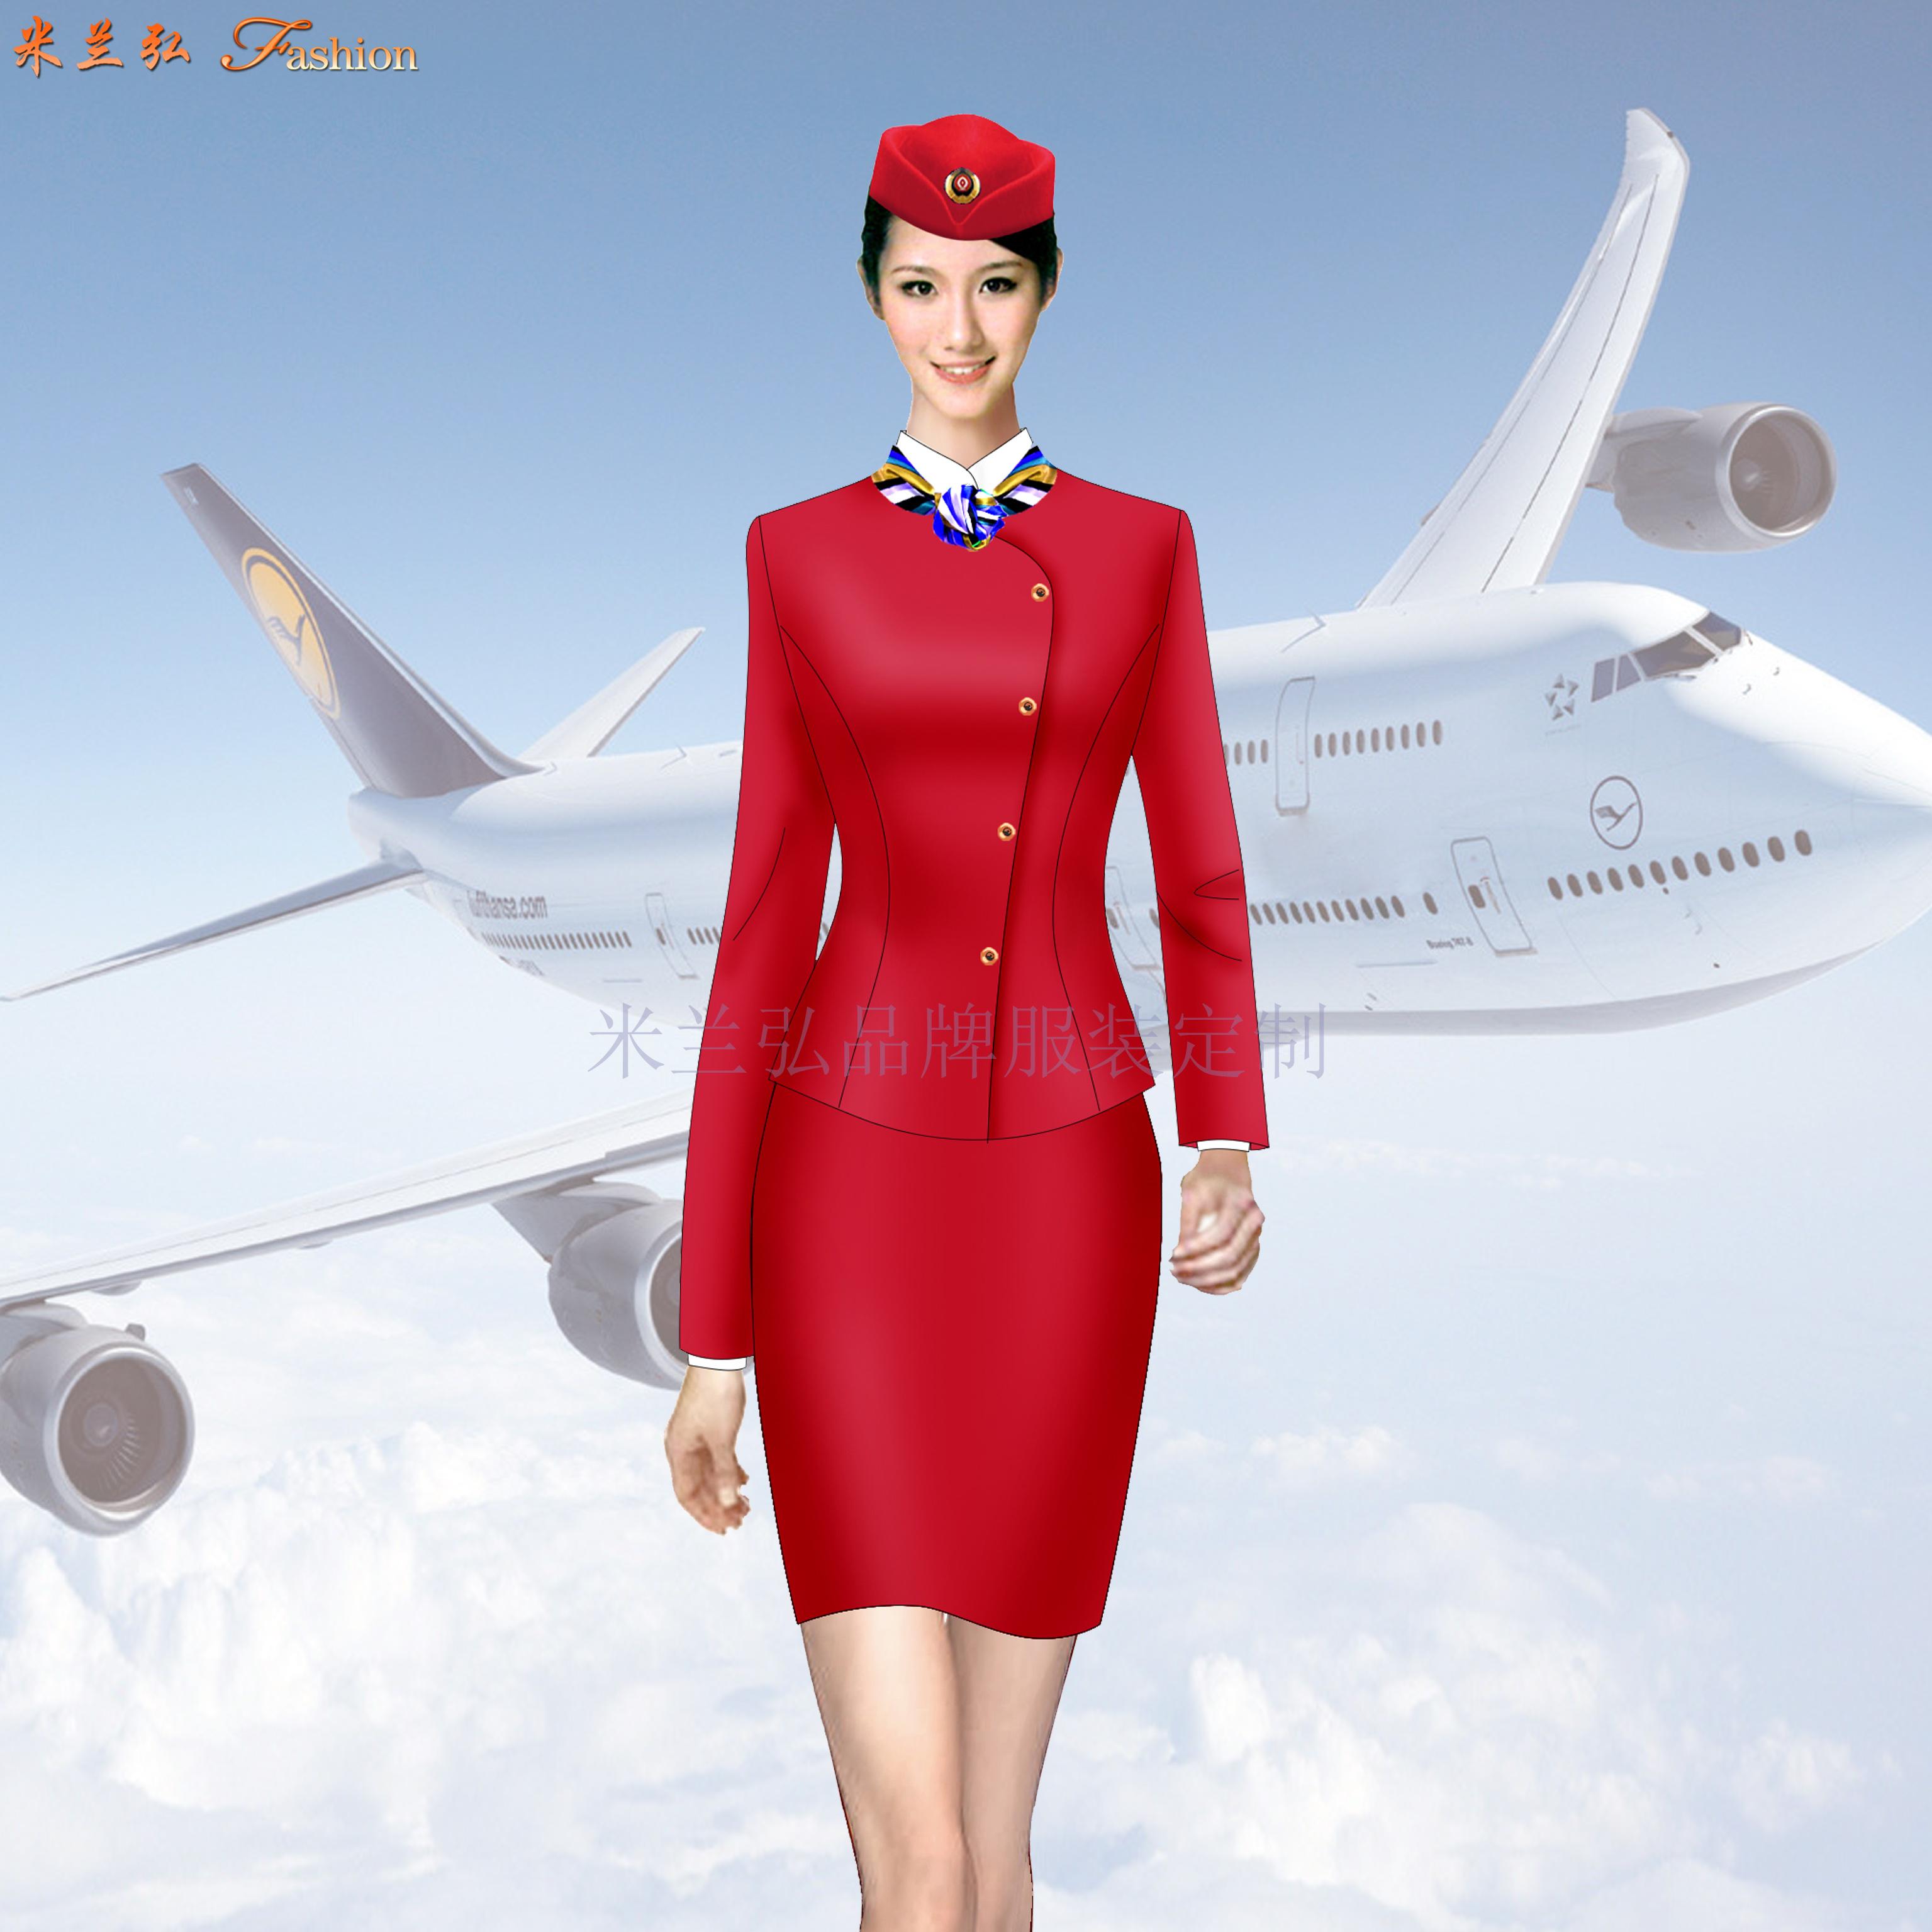 「空姐服」北京量體定制訂做潮流空姐服的誠信公司-米蘭弘服裝-4